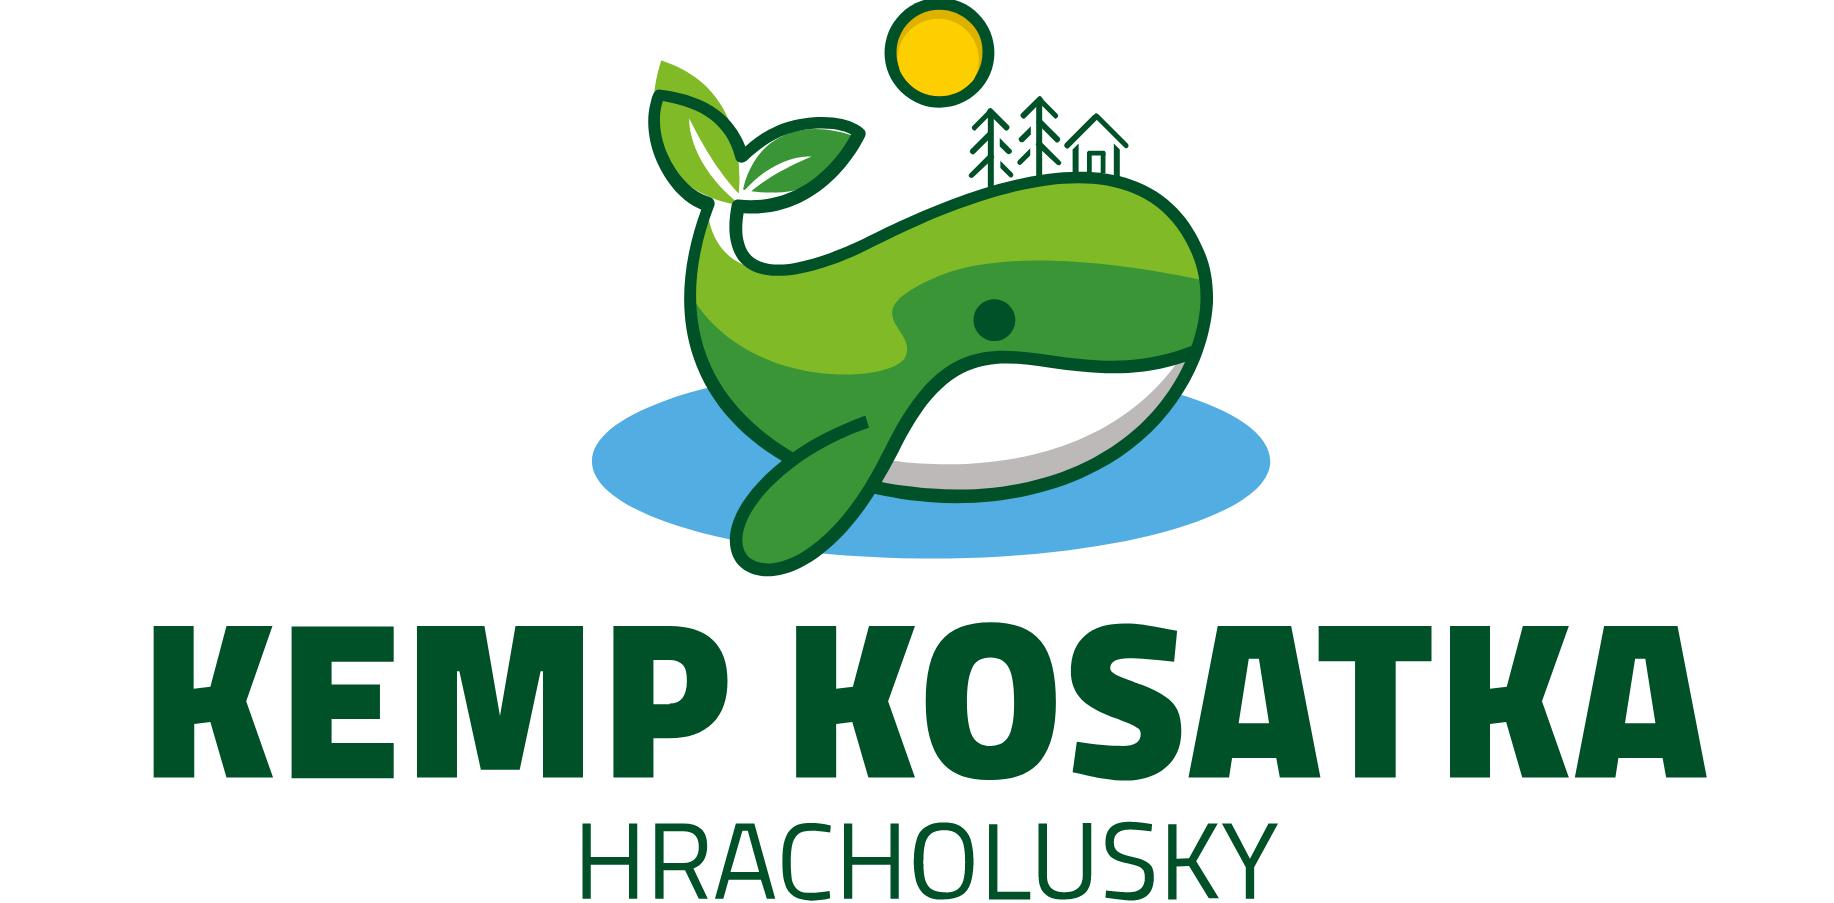 https://www.kempy-chaty.cz/sites/default/files/novinky/kemp_kosatka_logo.png